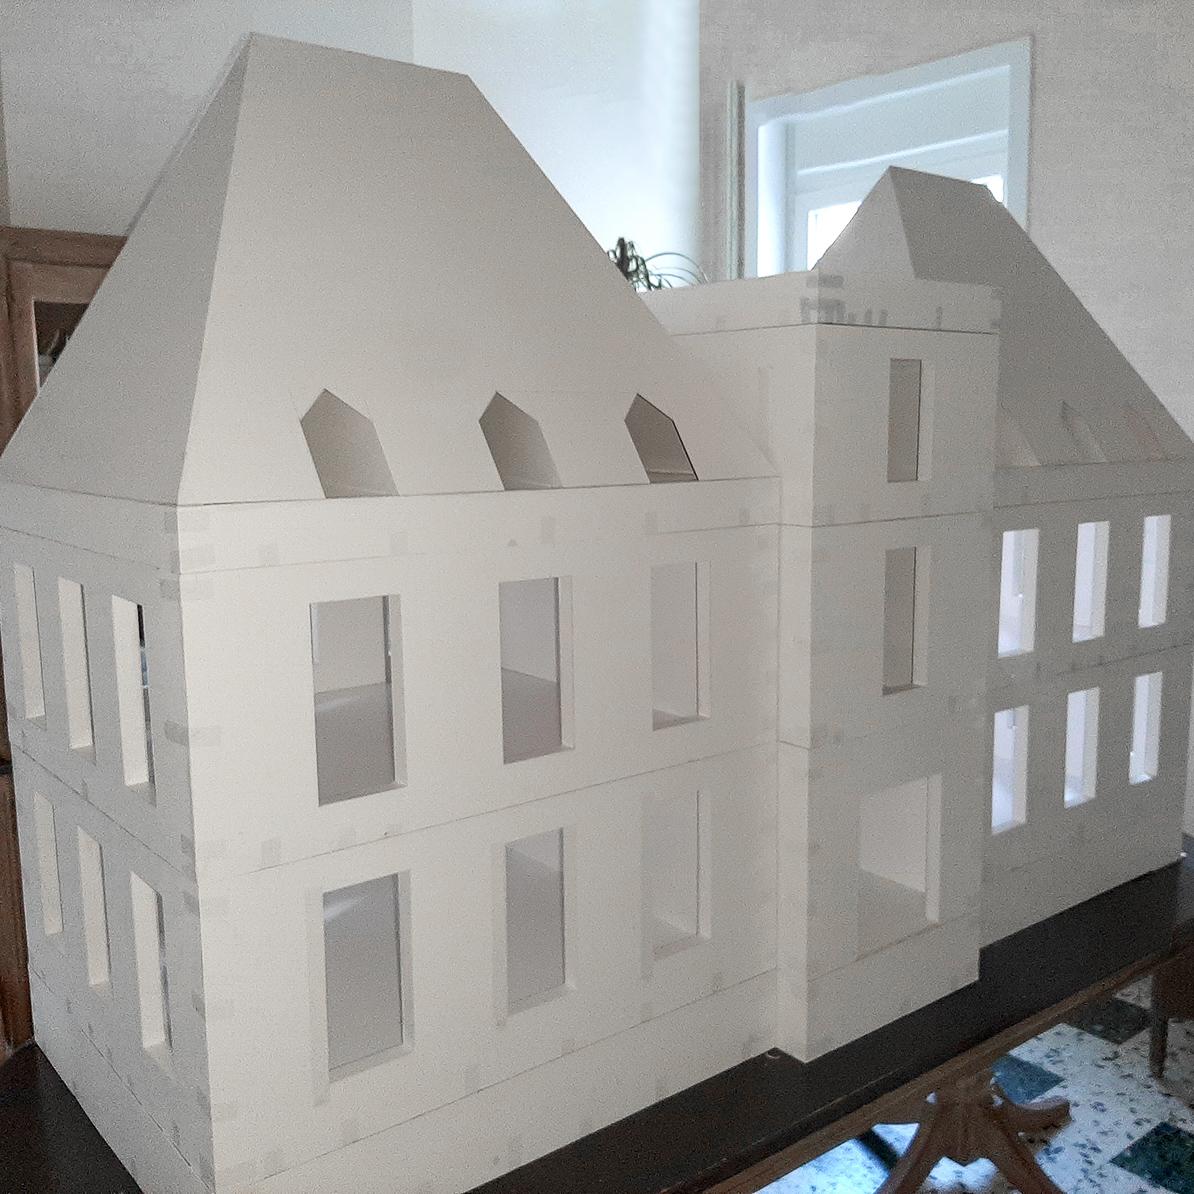 Le château de Moulinsart plus petit que nature